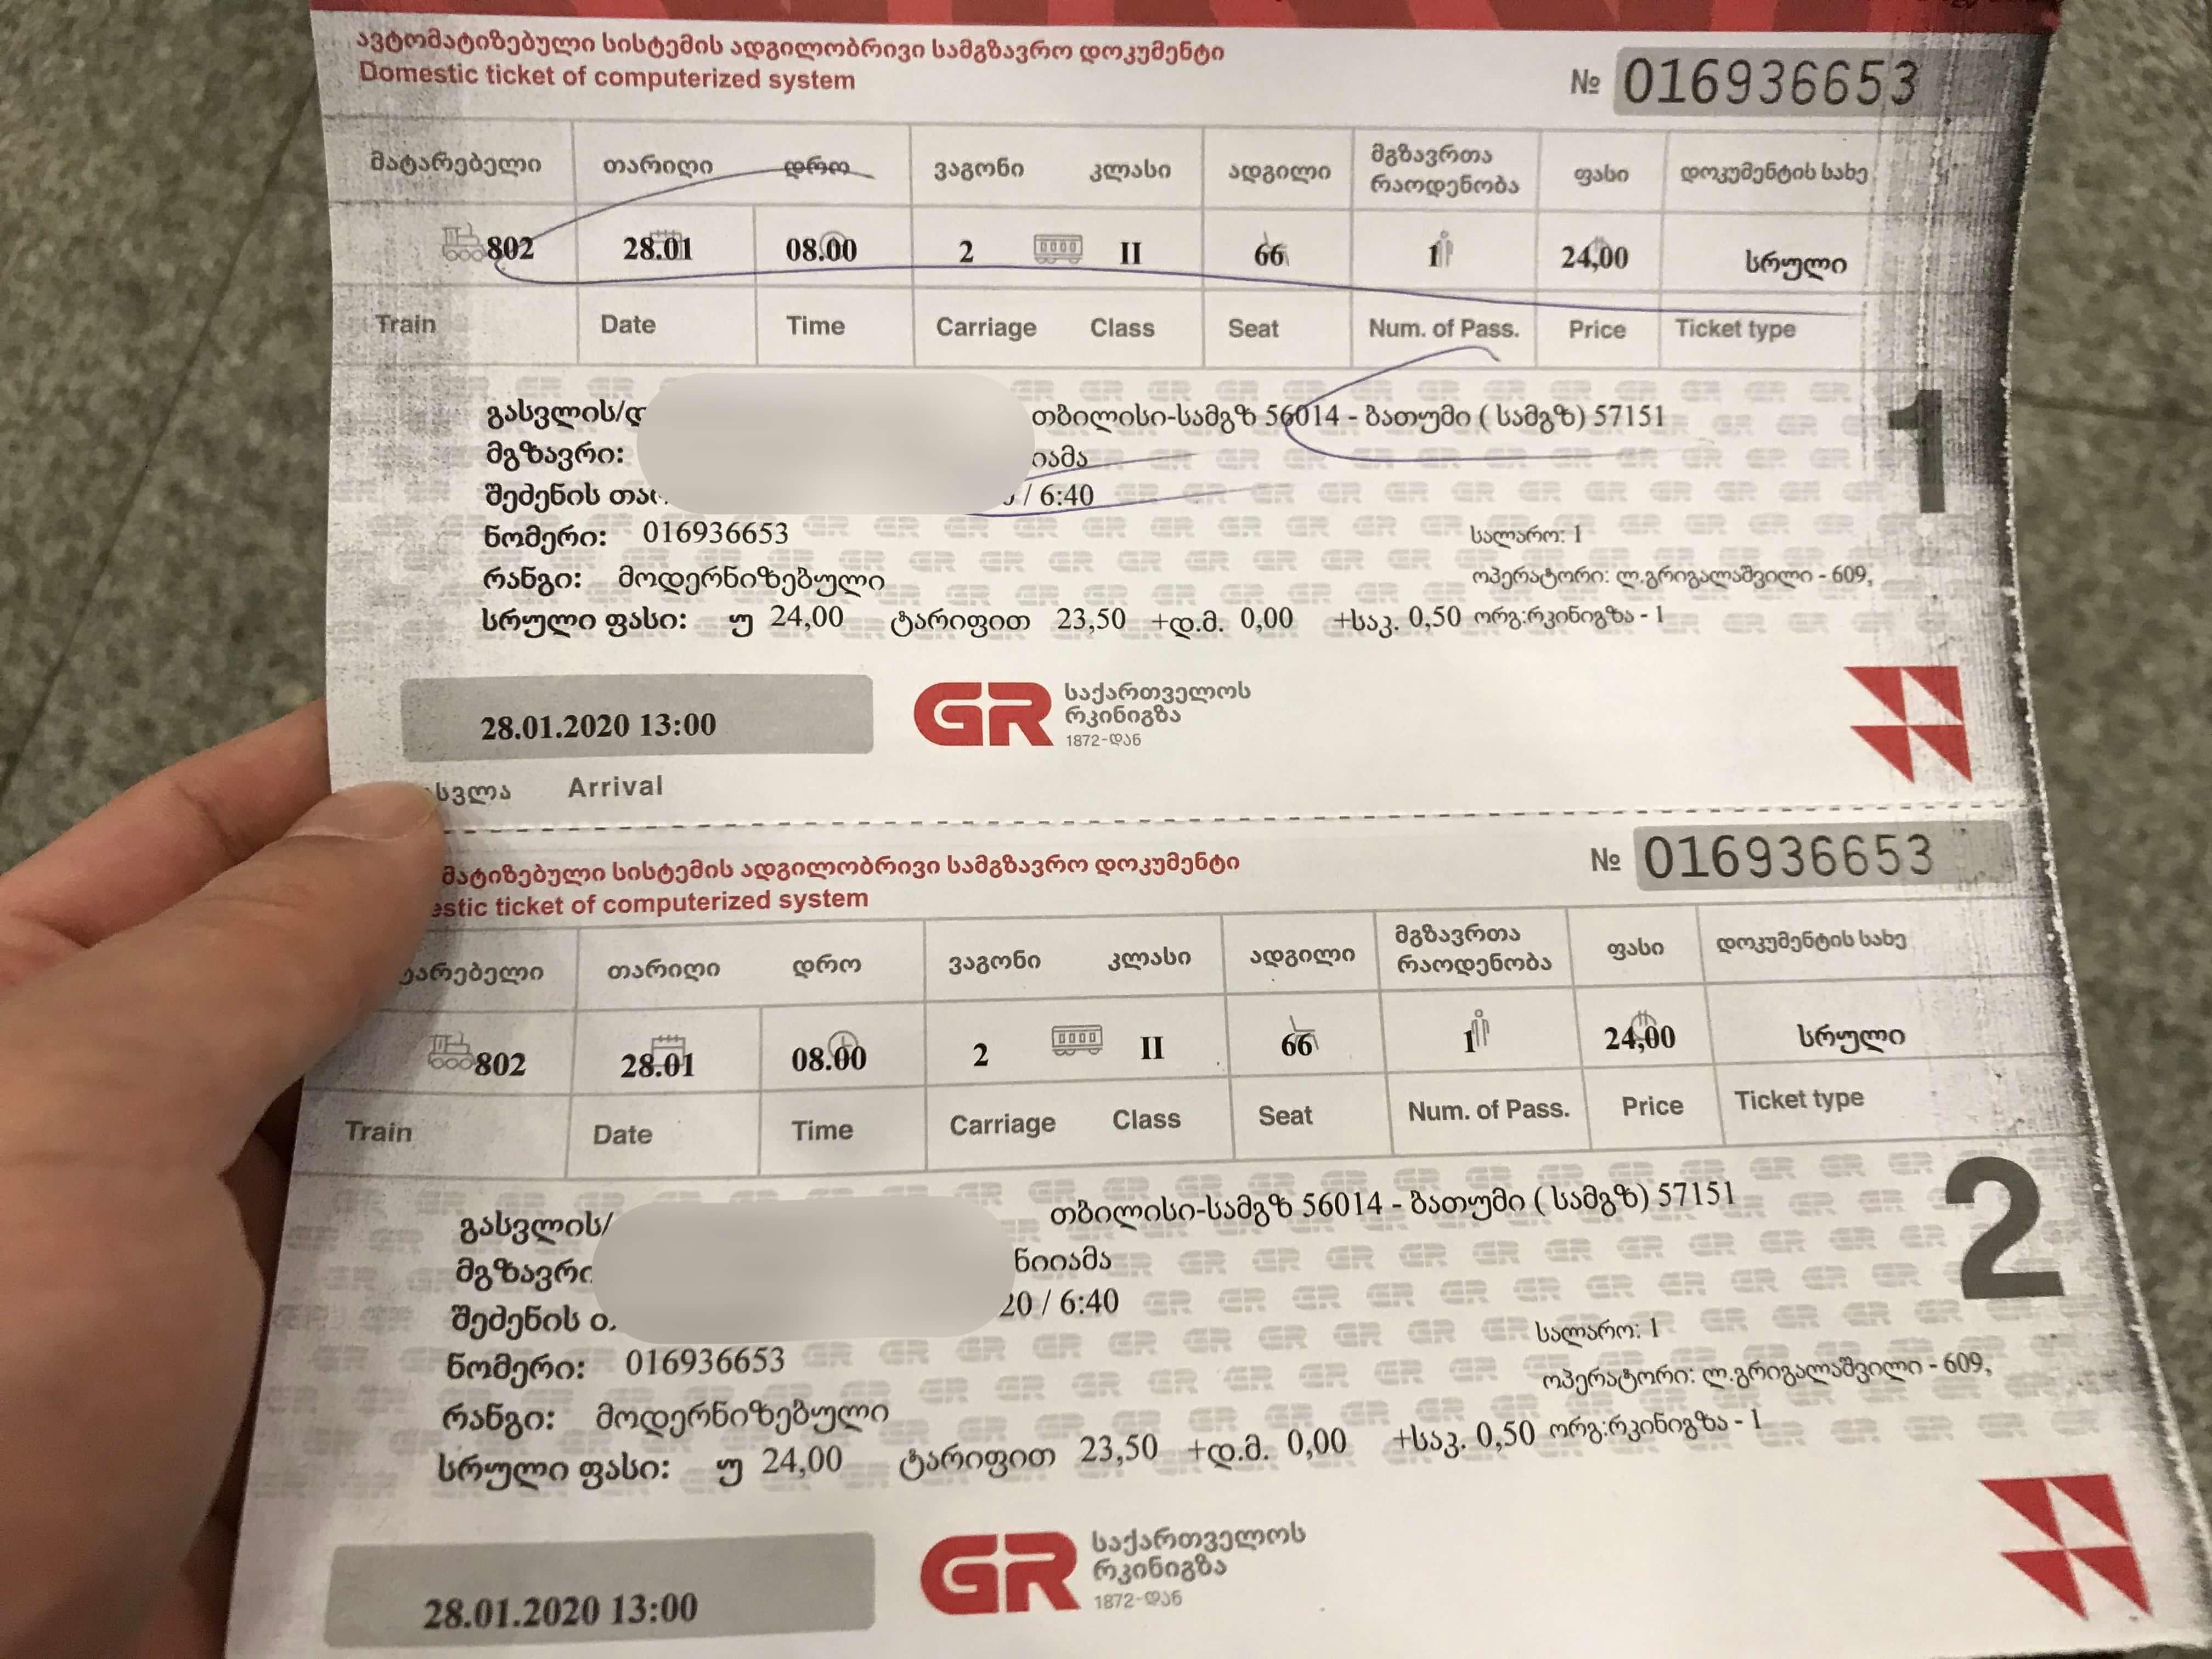 トビリシからバトゥミ行きのチケット